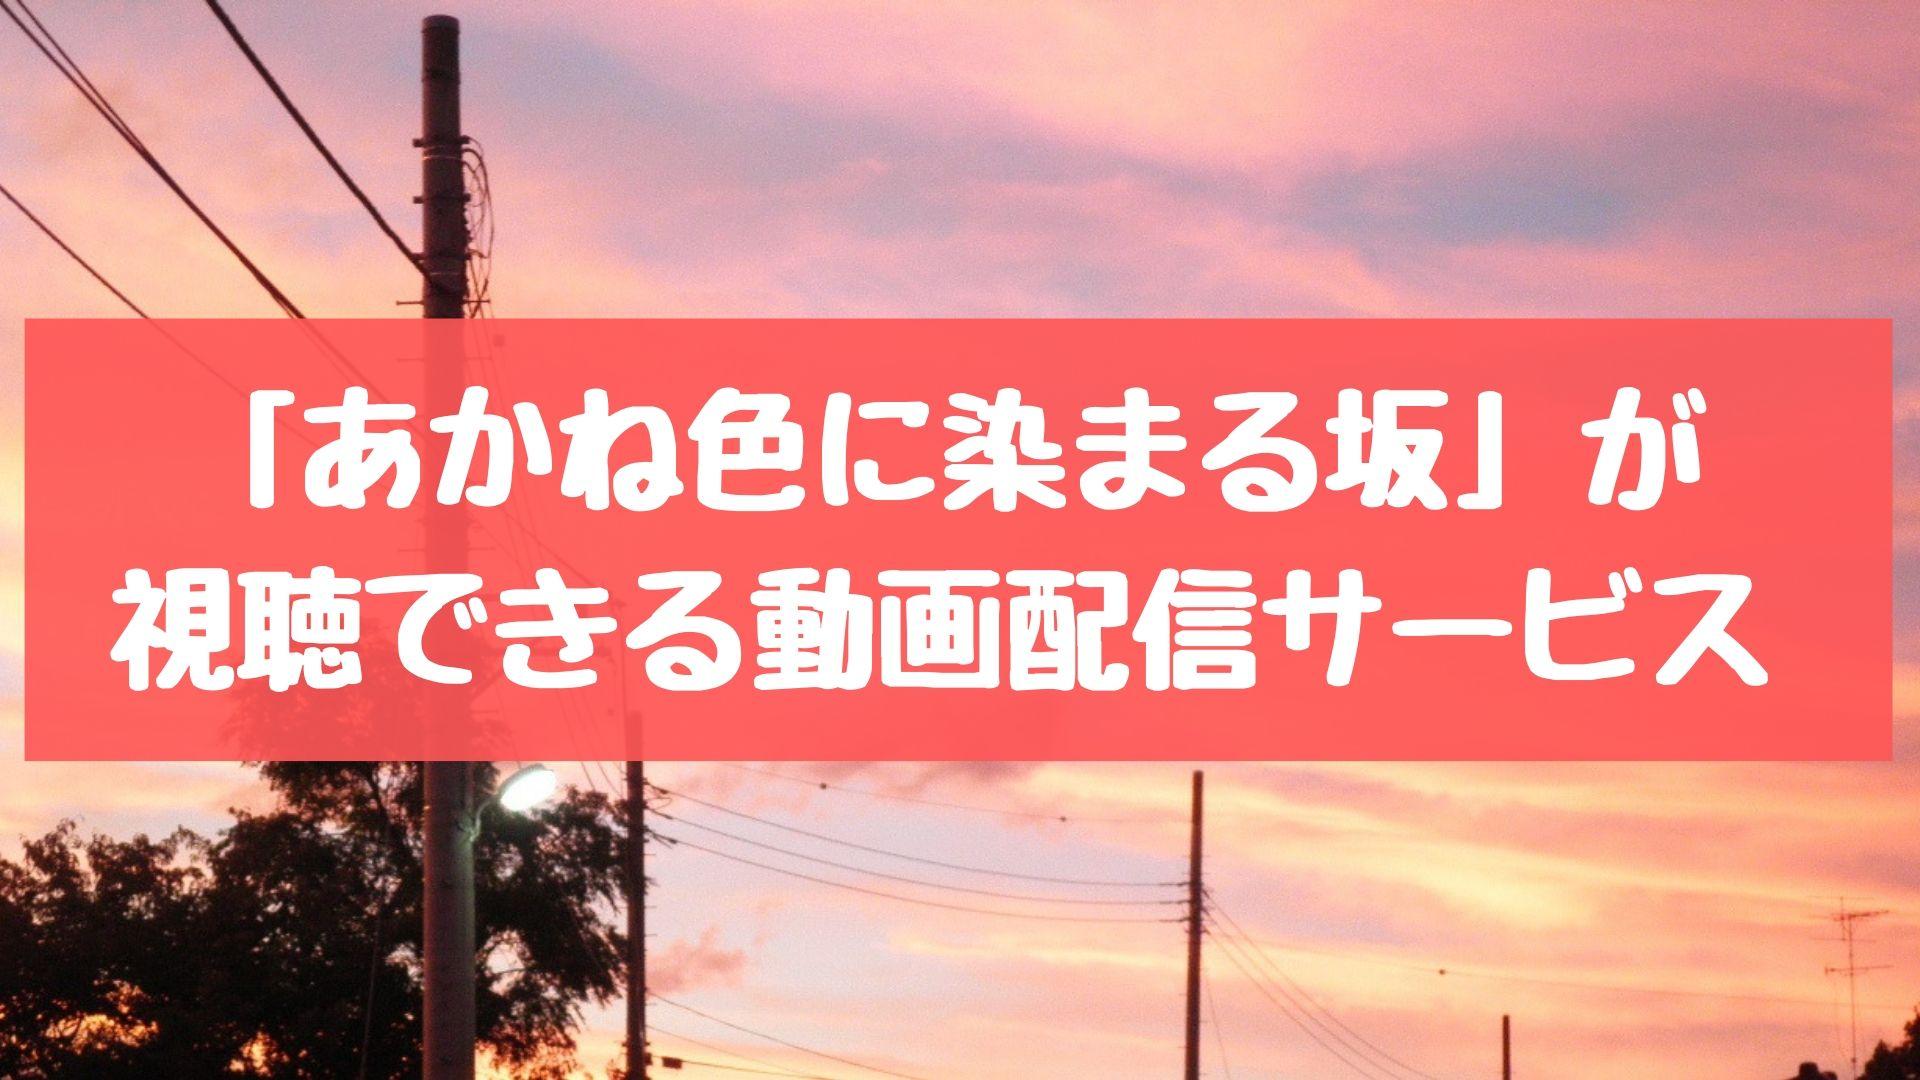 「あかね色に染まる坂」の動画!アニメ全話が視聴できる動画配信サービス一覧